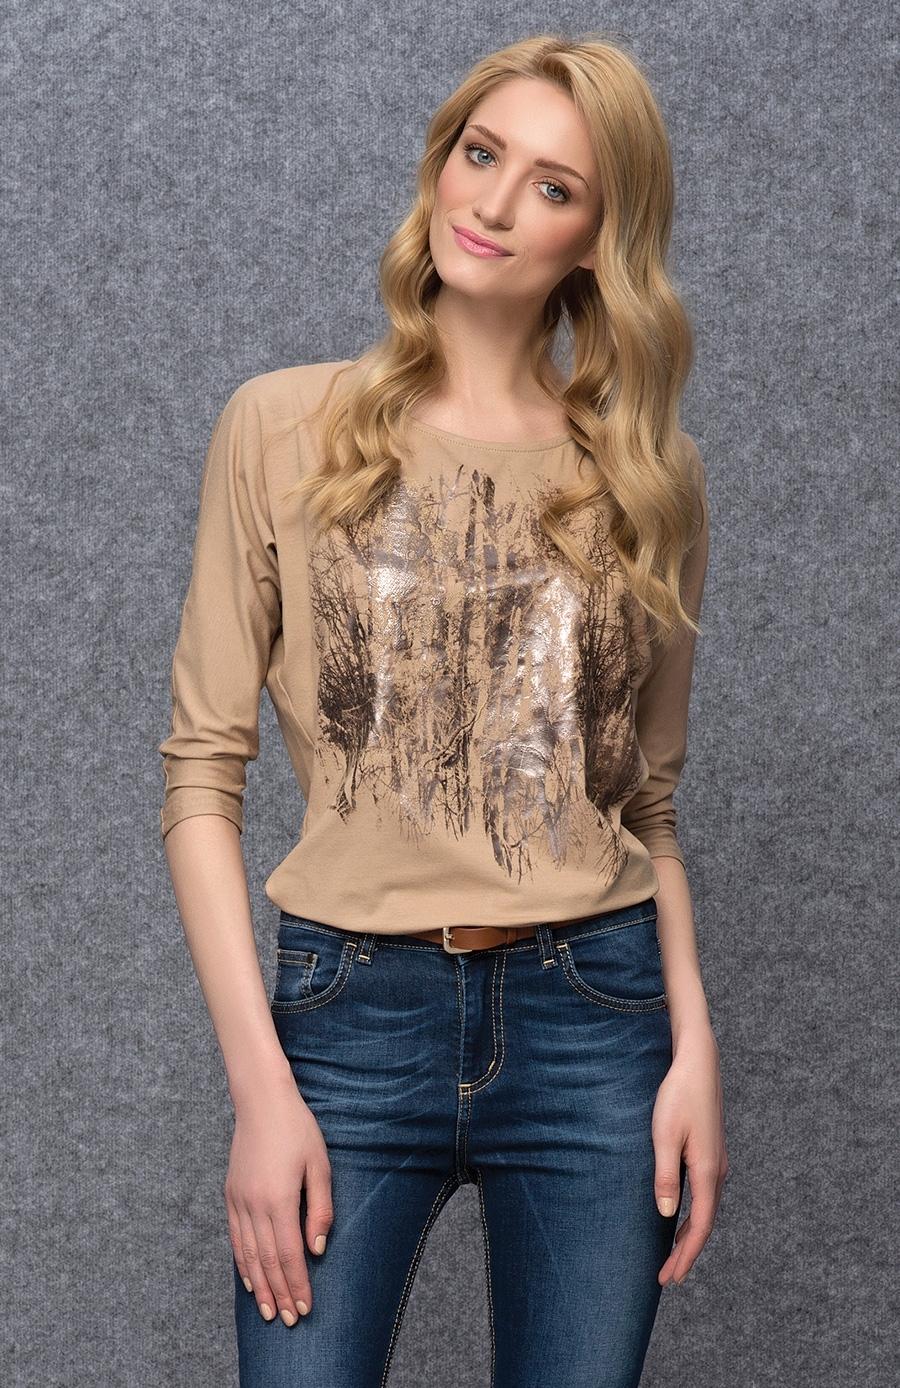 Бежевая блузка доставка